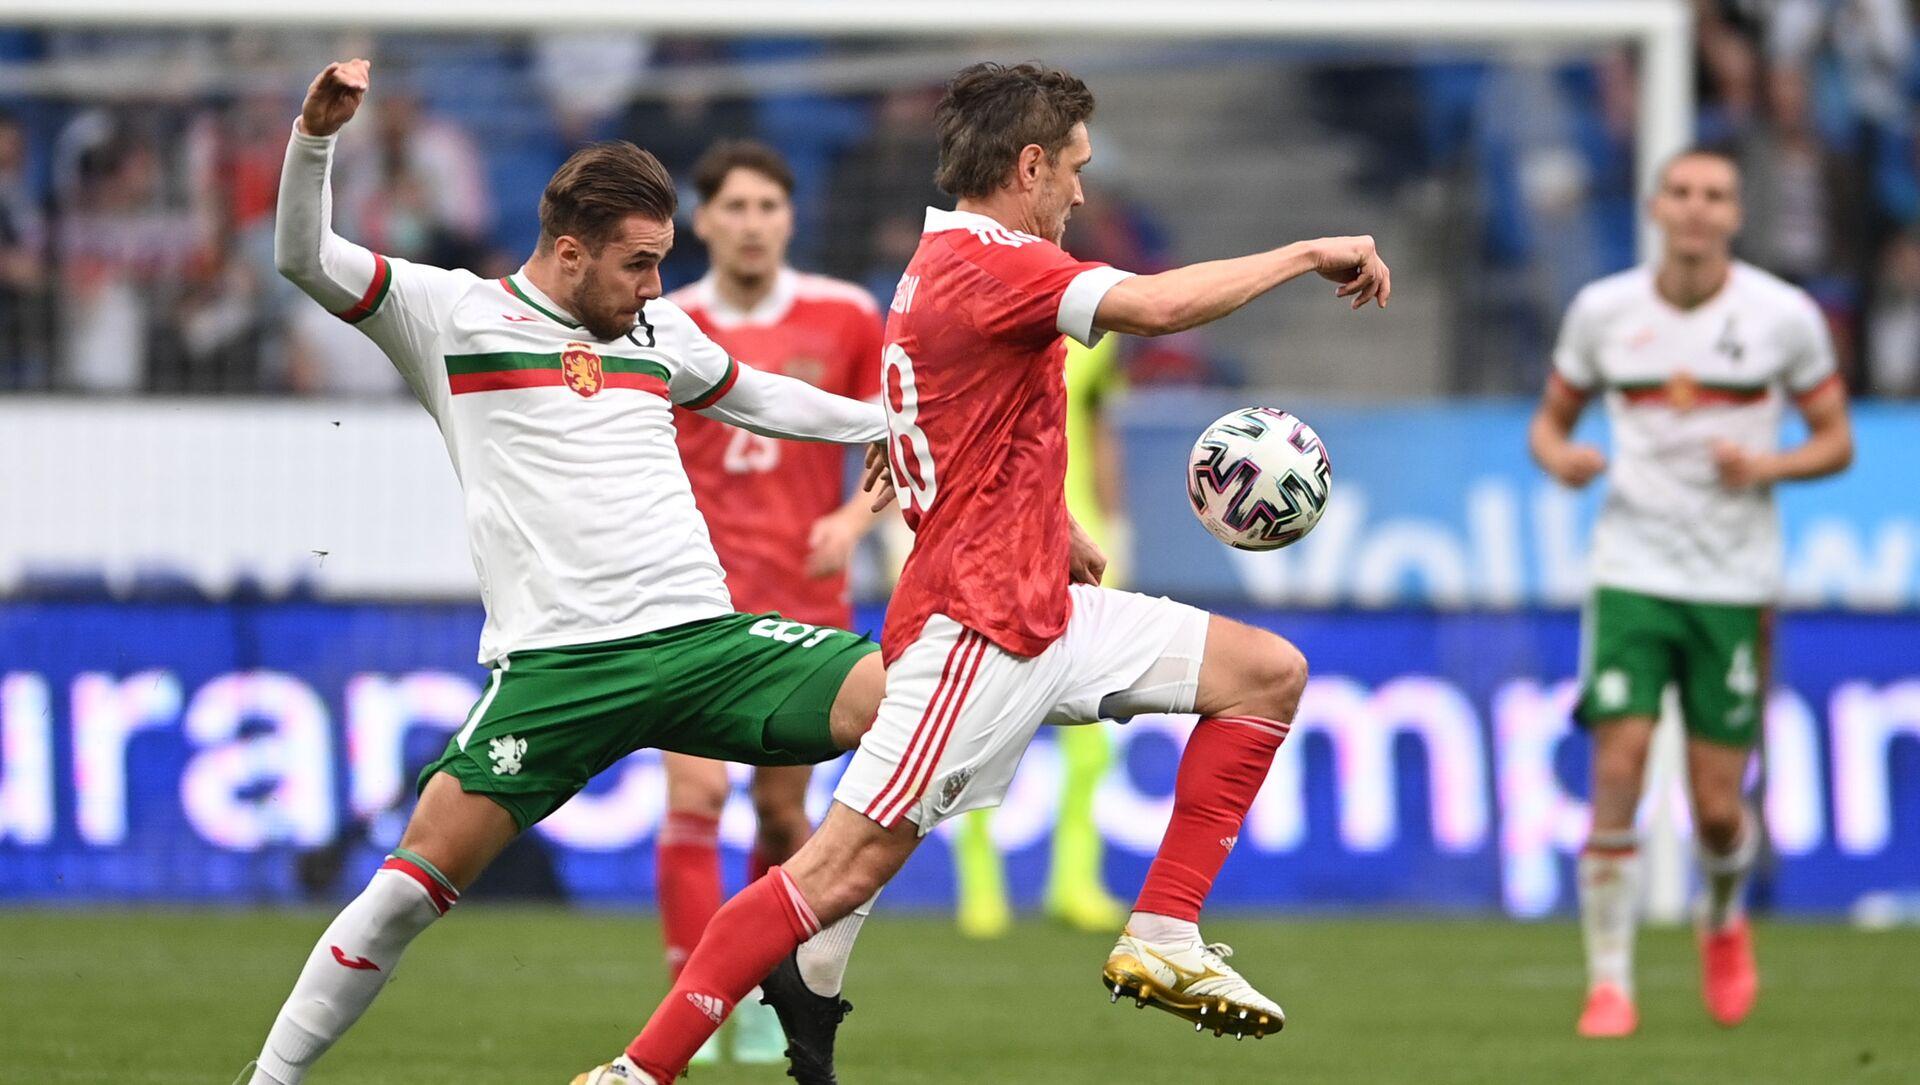 Antonio Vutov (Bulgaria) và Yuri Zhirkov (Nga) trong trận đấu giao hữu giữa hai đội tuyển quốc gia Nga và Bulgaria. - Sputnik Việt Nam, 1920, 09.06.2021